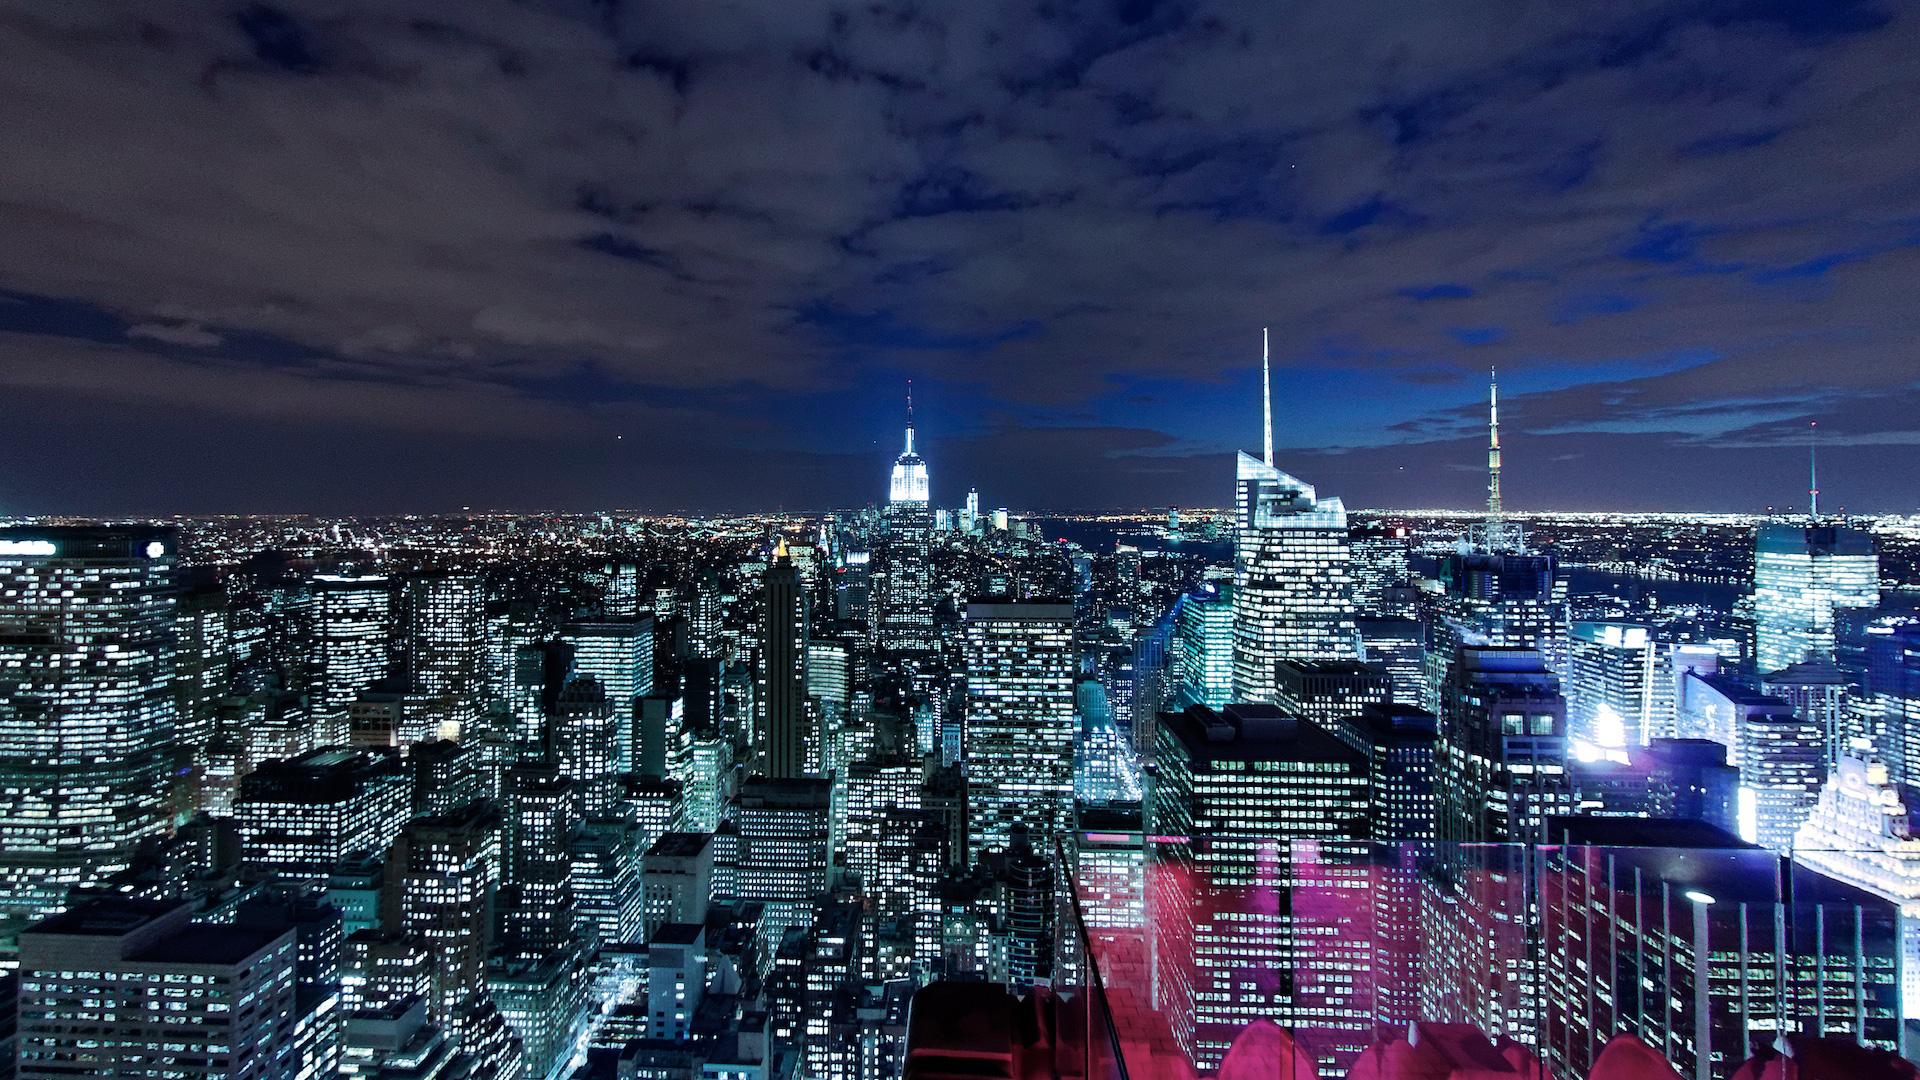 Manhattan At Night HD Walls 1920x1080